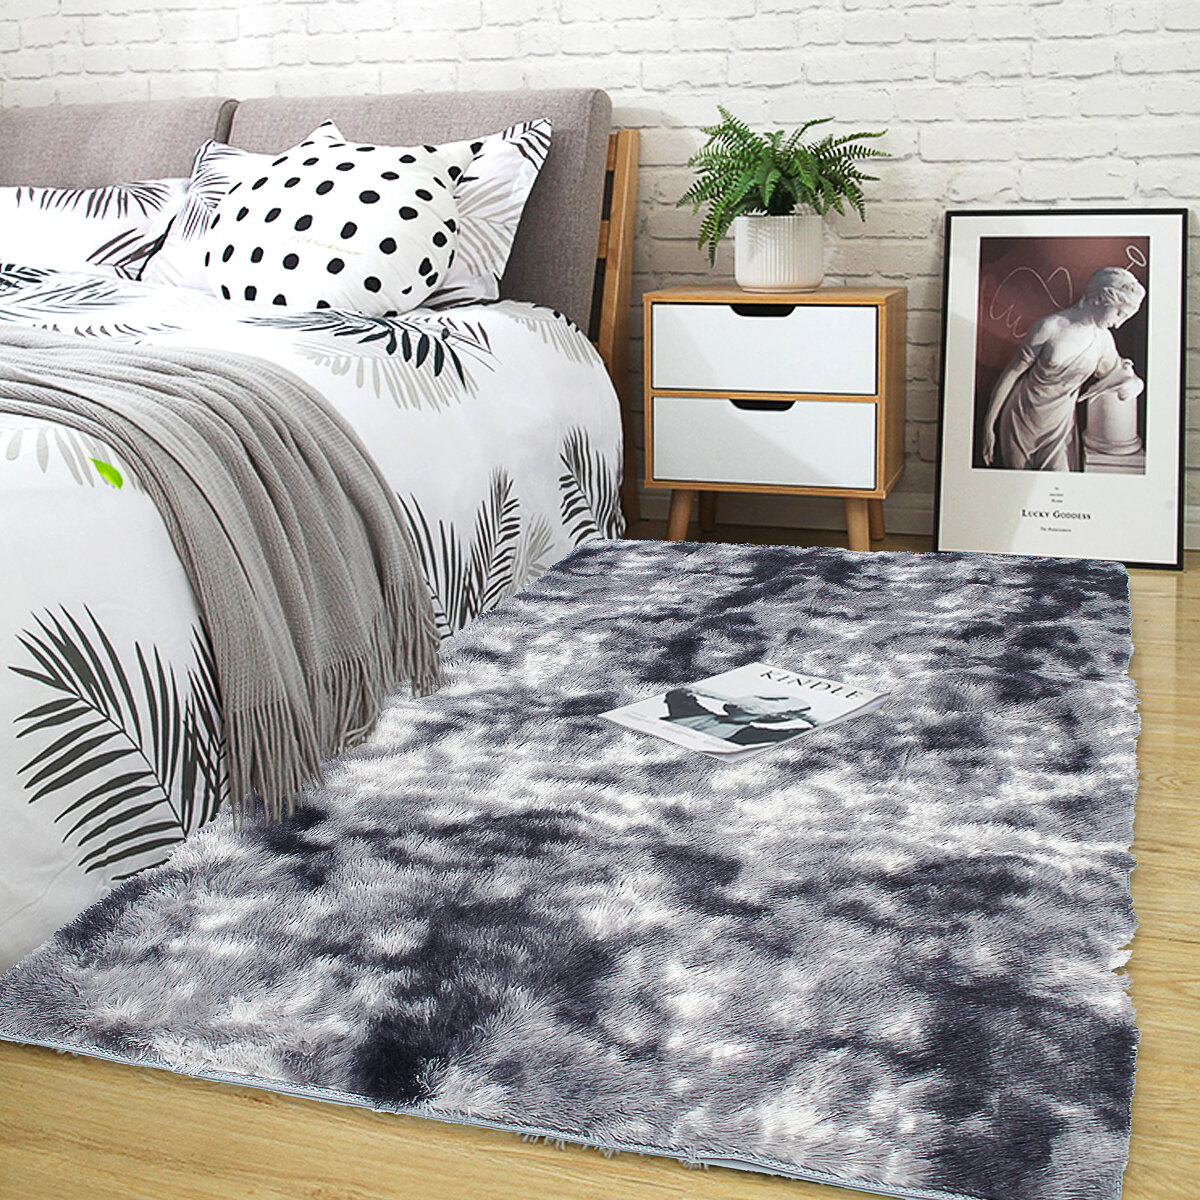 Long Hair Variegated Tie-dye Gradient Carpet Living Room Bedroom Bedside Blanket Coffee Table Cushion Full Carpet Floor